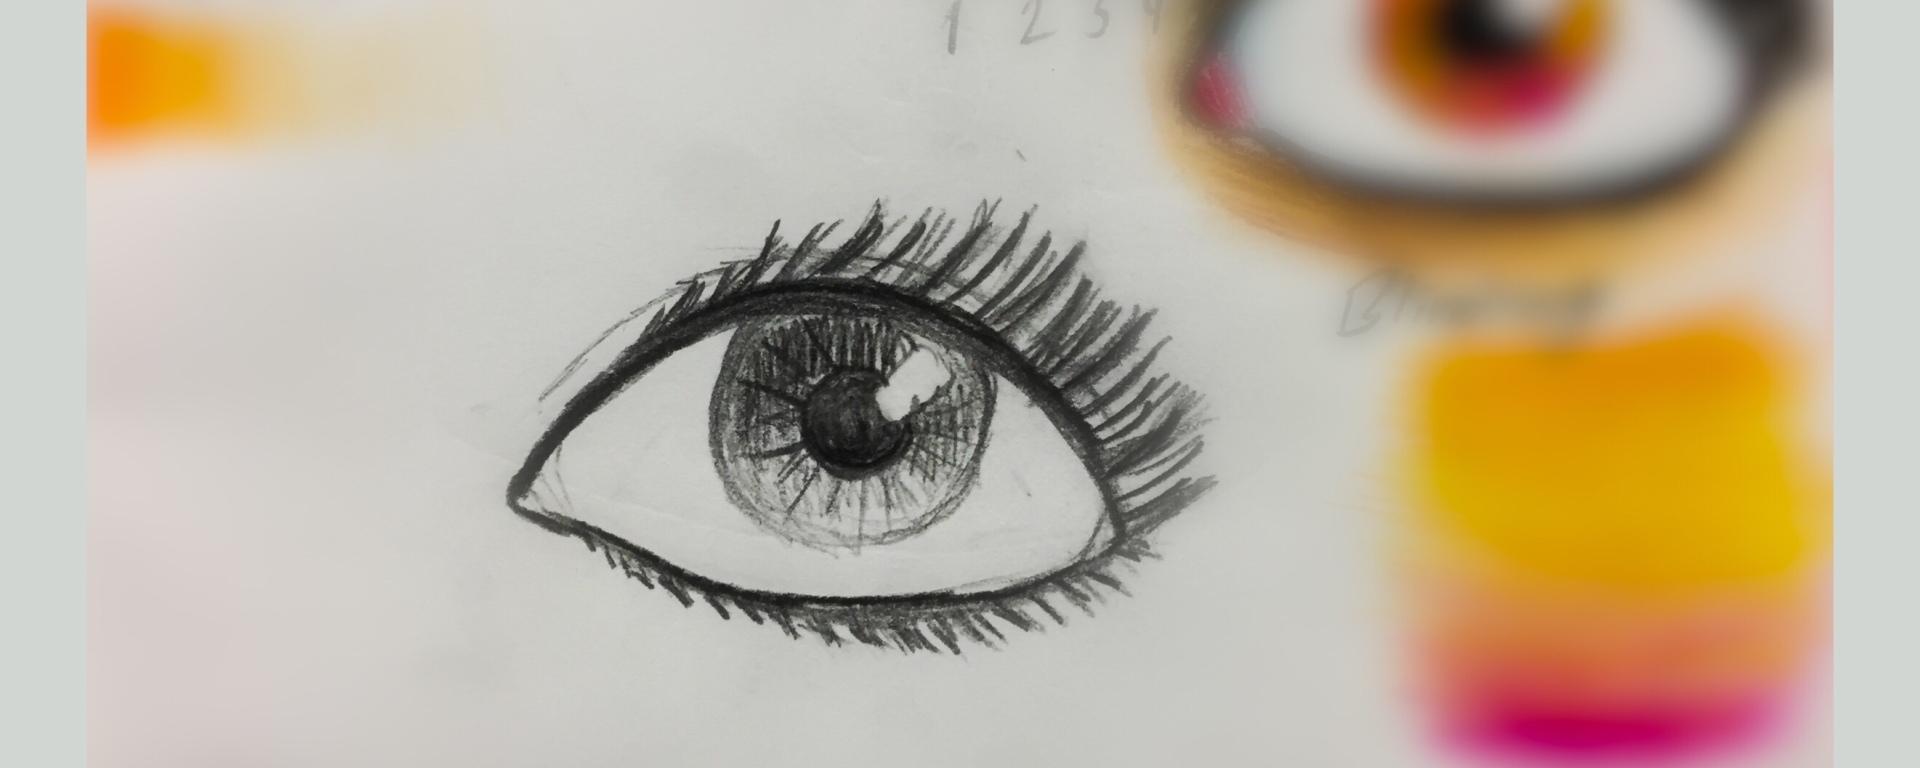 Drawing of an eye by That Art Teacher.